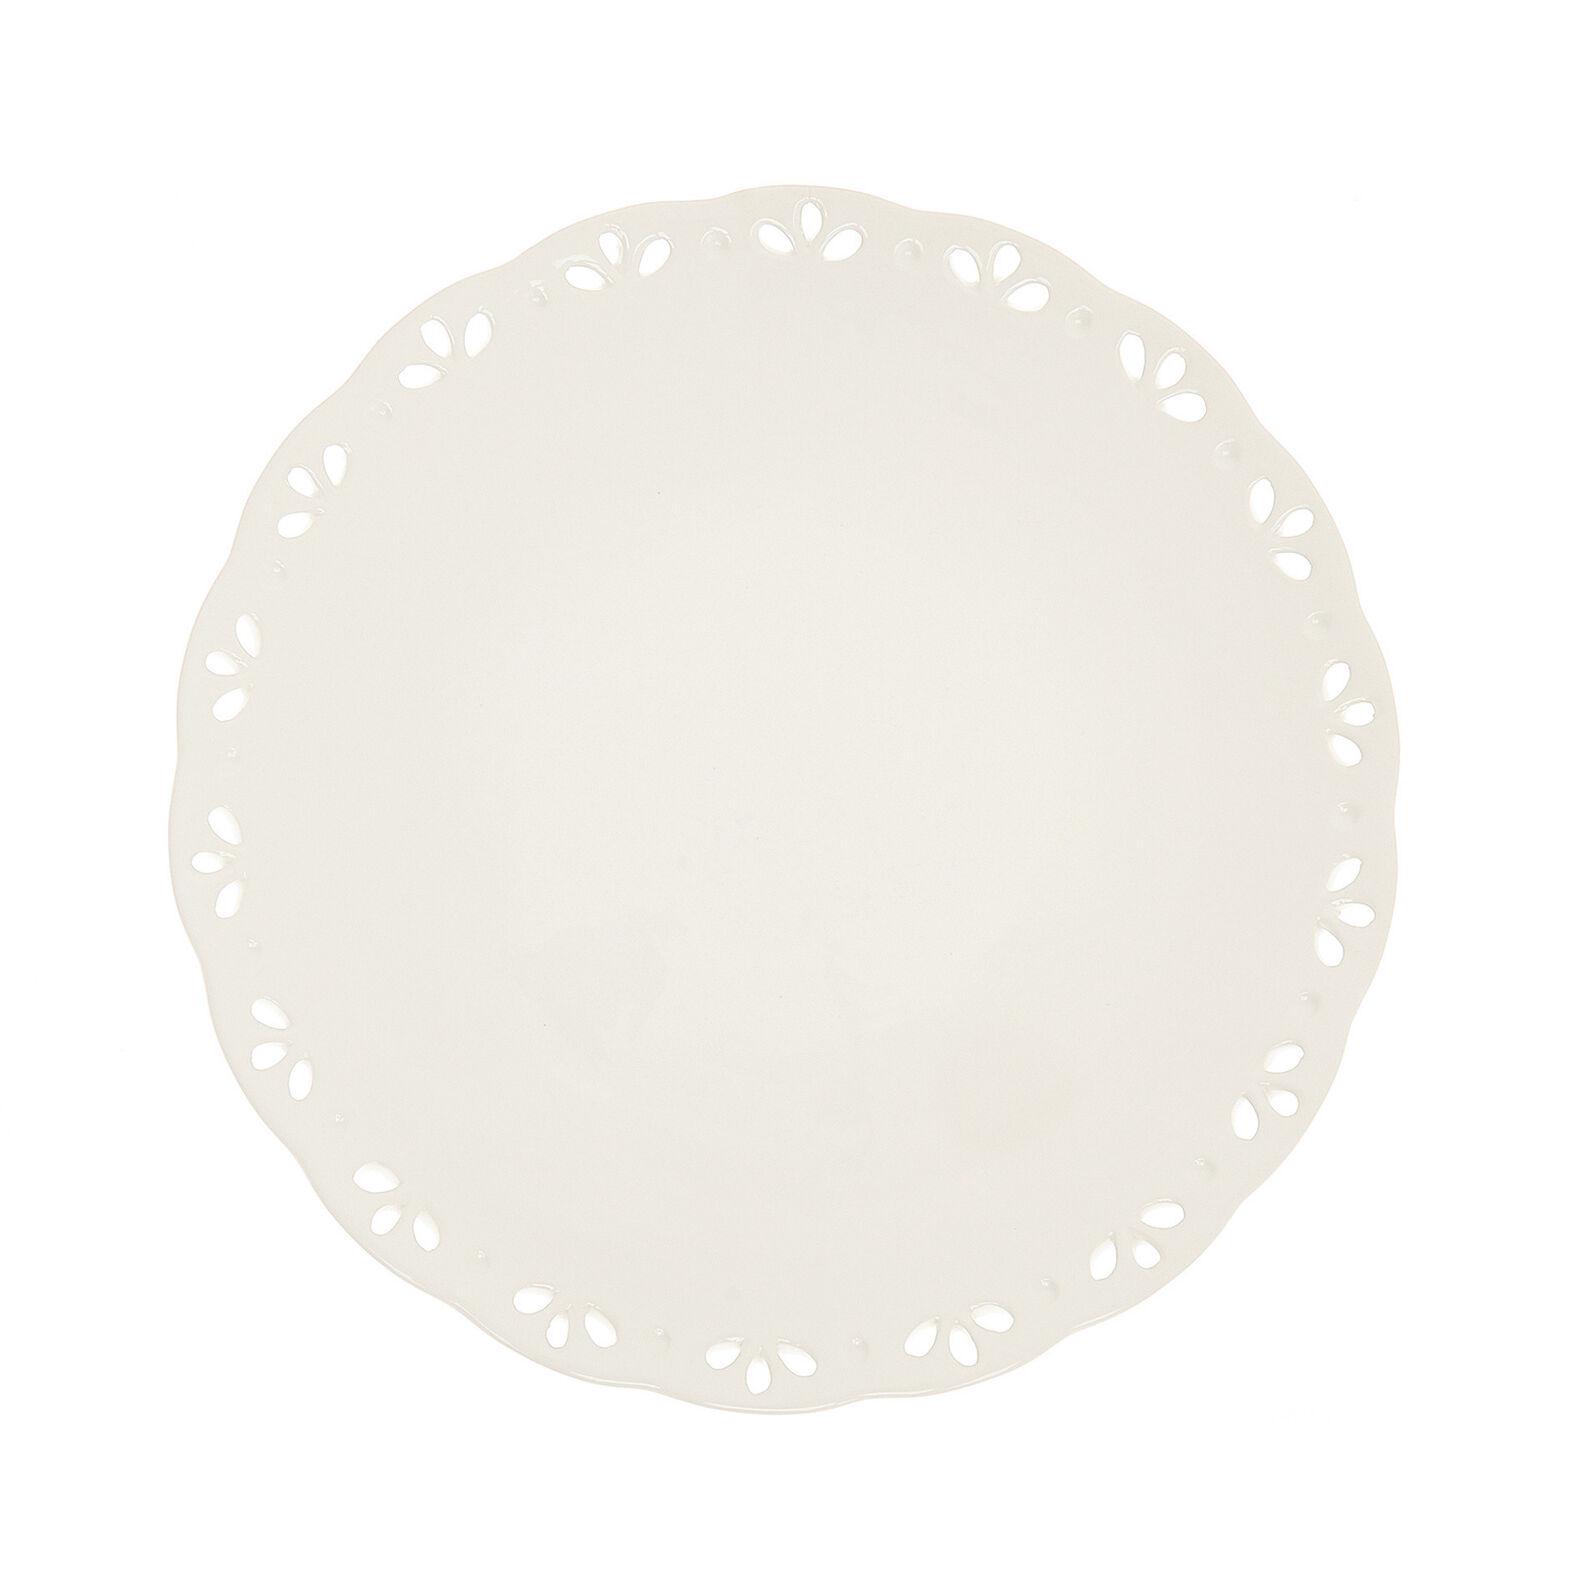 Piatto tondo ceramica traforata